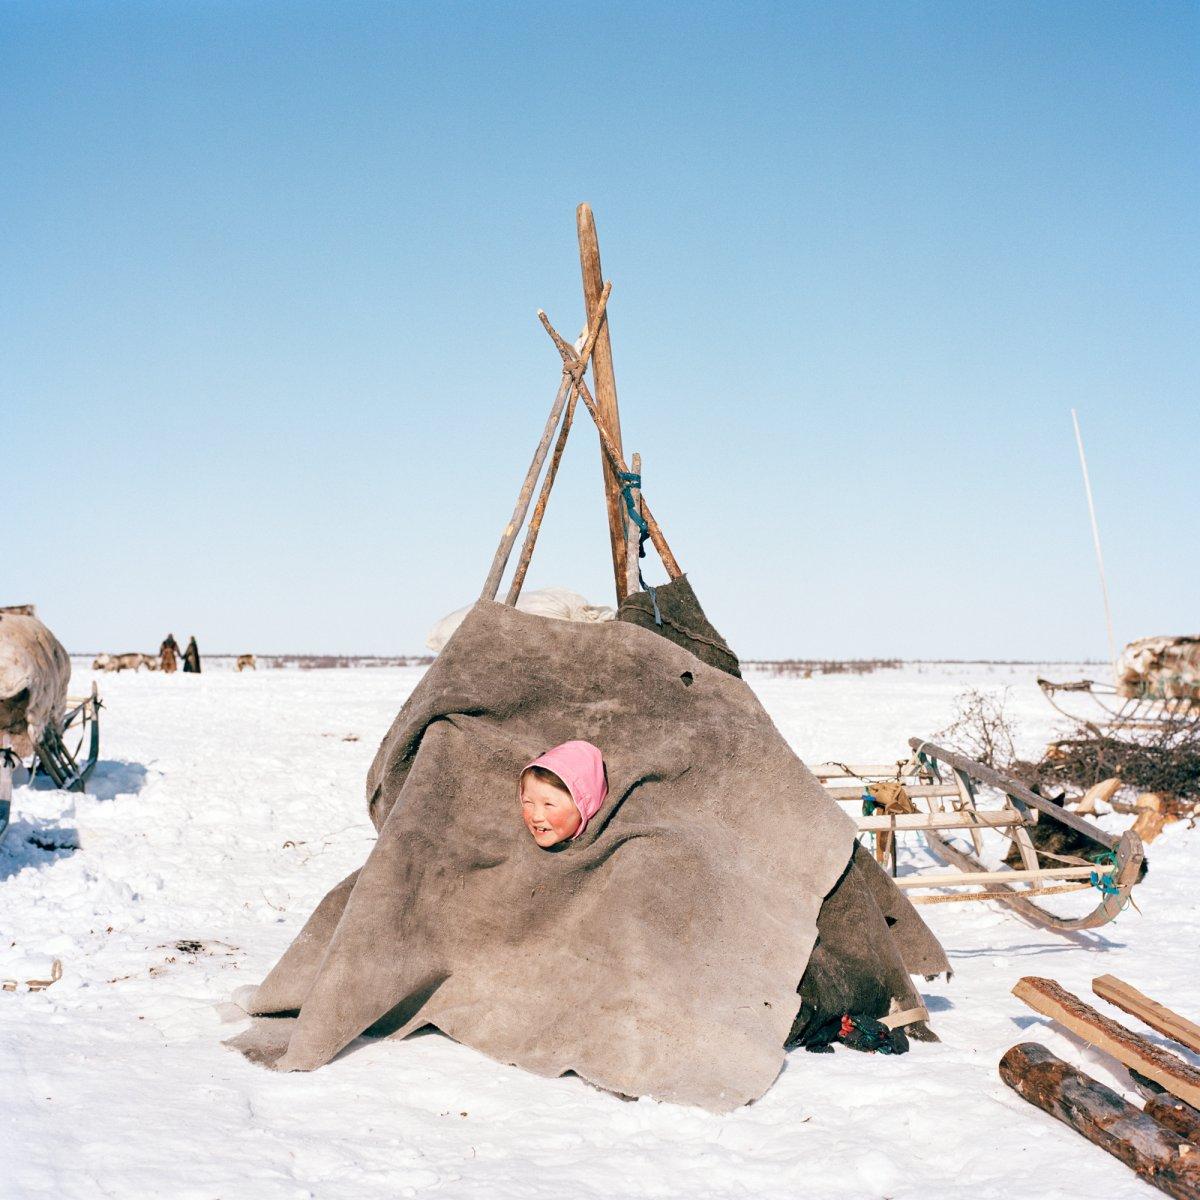 Conheça 15 pessoas que desafiam temperaturas extremas para viver no círculo ártico 15